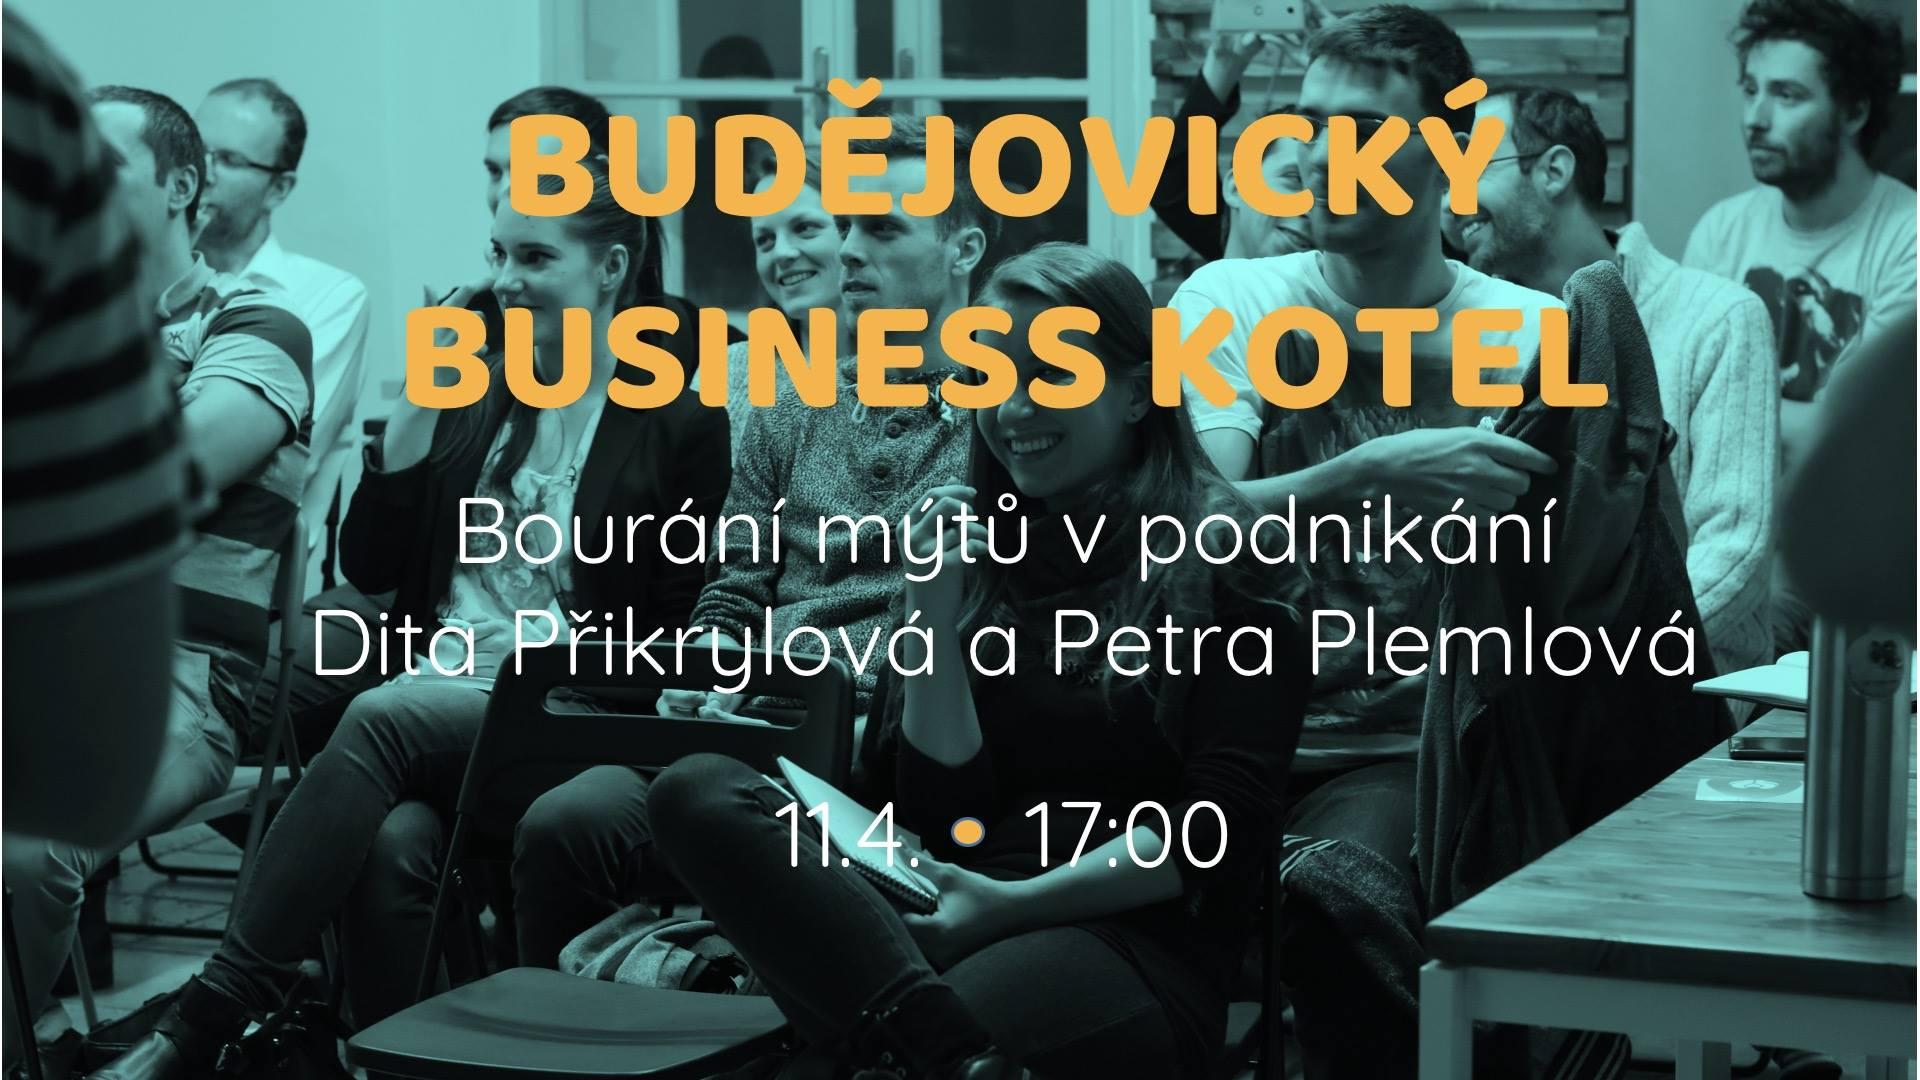 Business kotel s Ditou Přikrylovou a Petrou Plemlovou